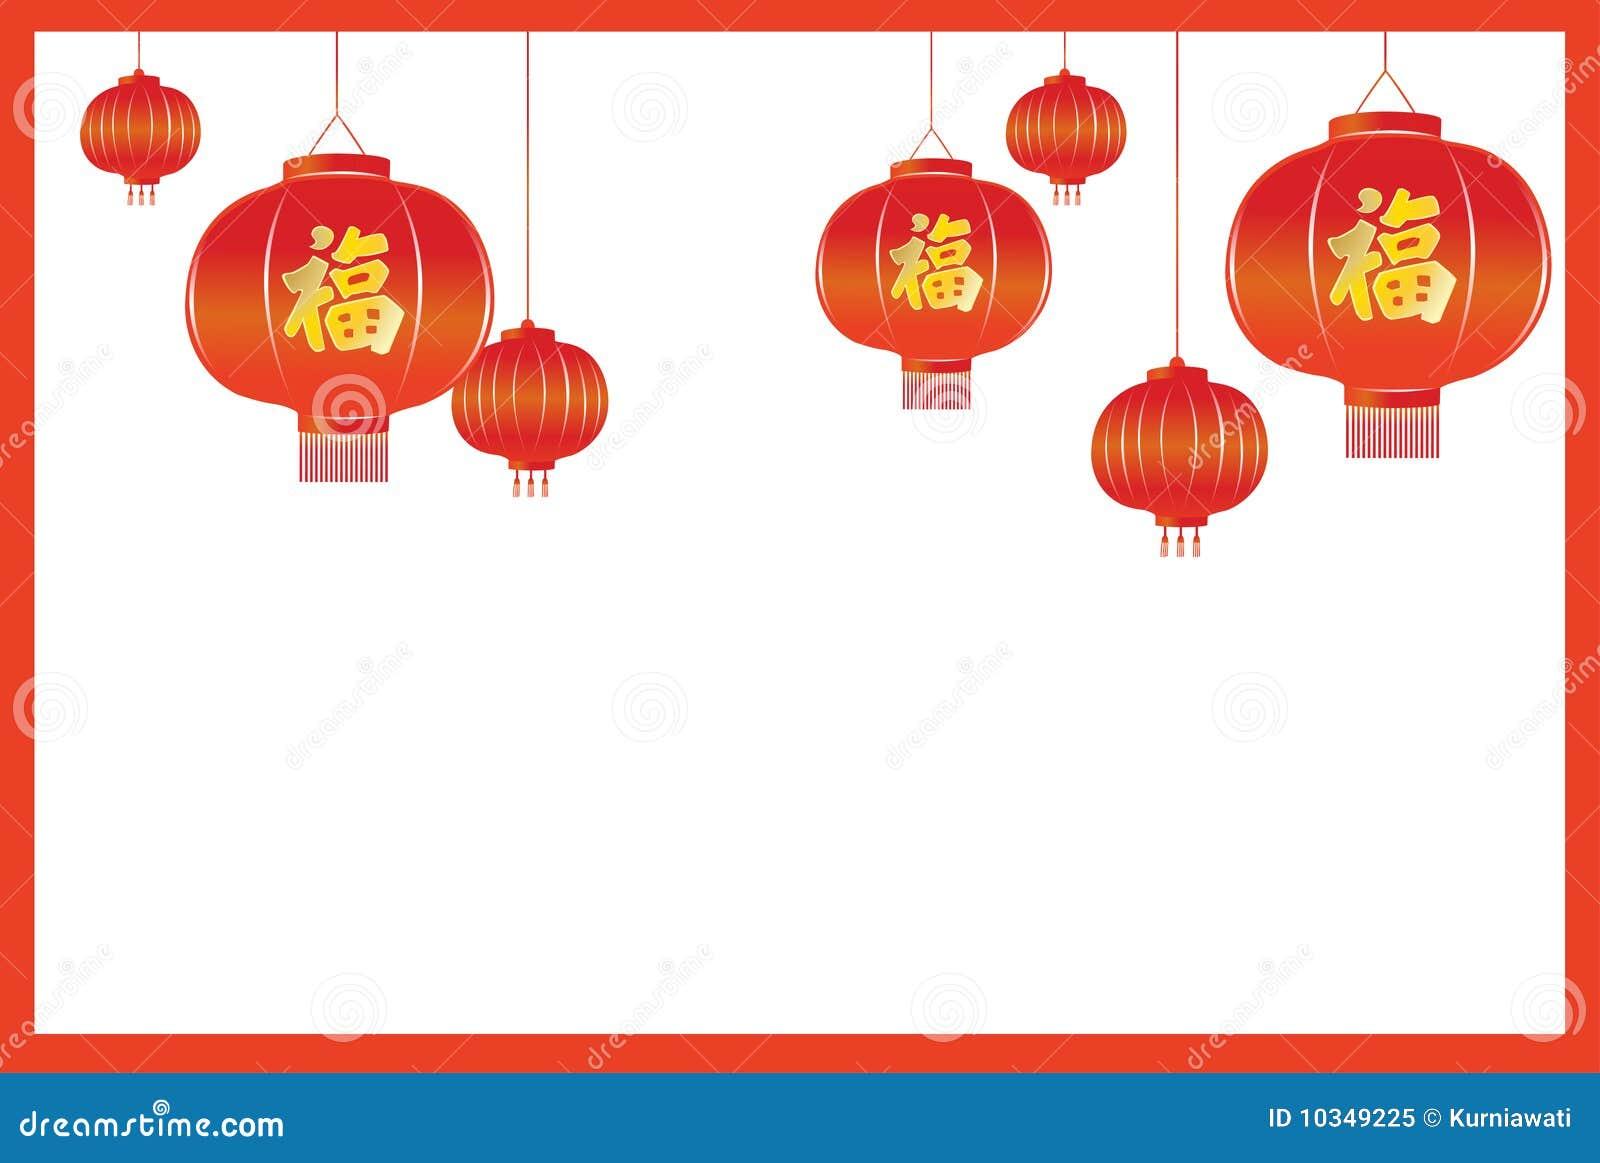 Chinese Lantern Background Royalty Free Stock Photo - Image: 10349225